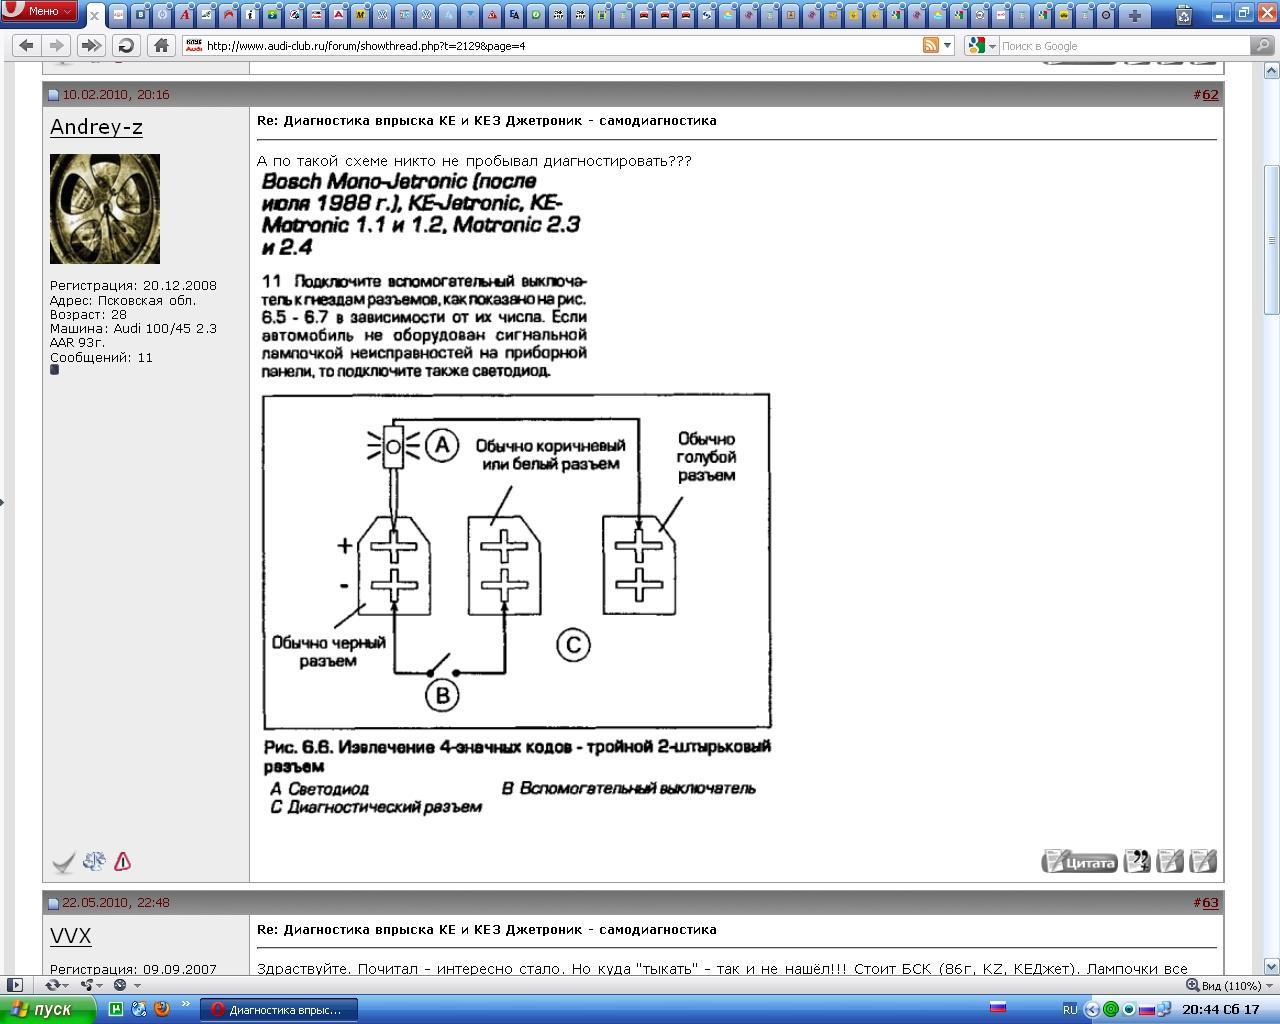 Как сделать диагностику Audi 100 2.3 AAR-94г?Нужен совет срочно